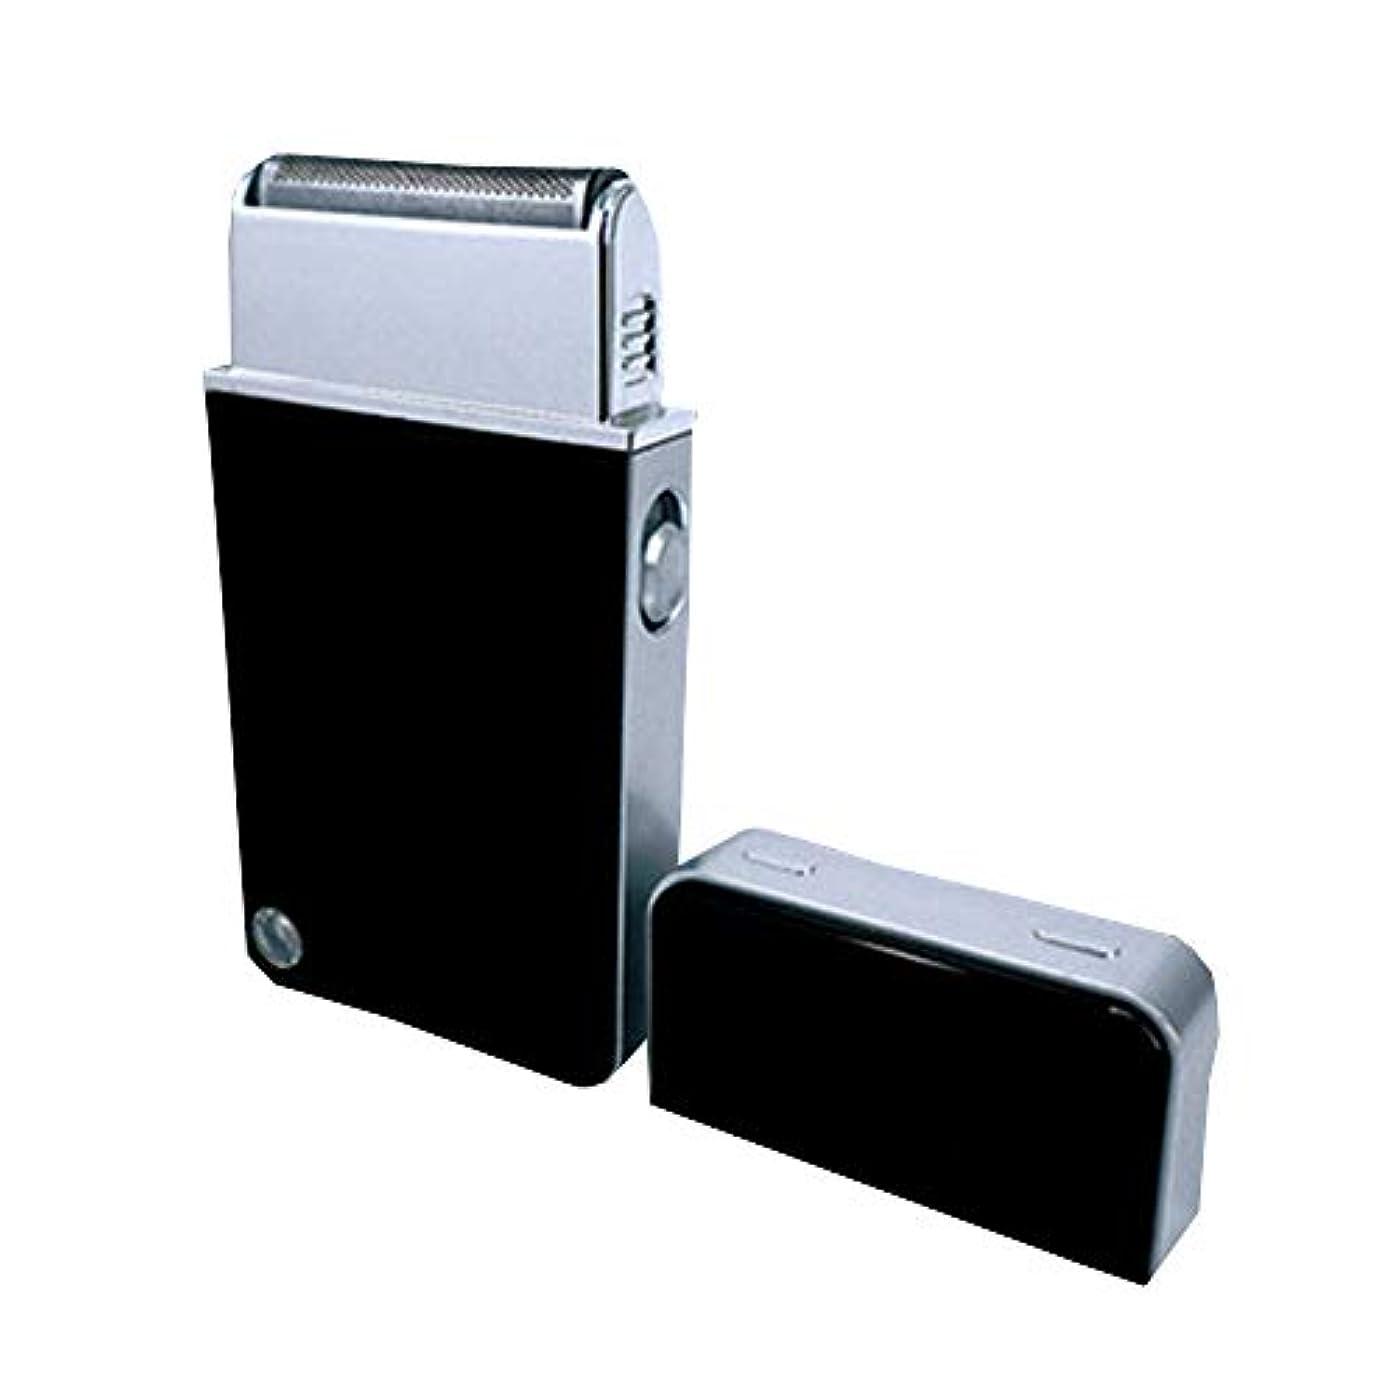 油無線骨シェーバー メンズ 髭剃り USB充電式 電気シェーバー 男性 電動 旅行用 ひげ剃り ひげそり コンパクト